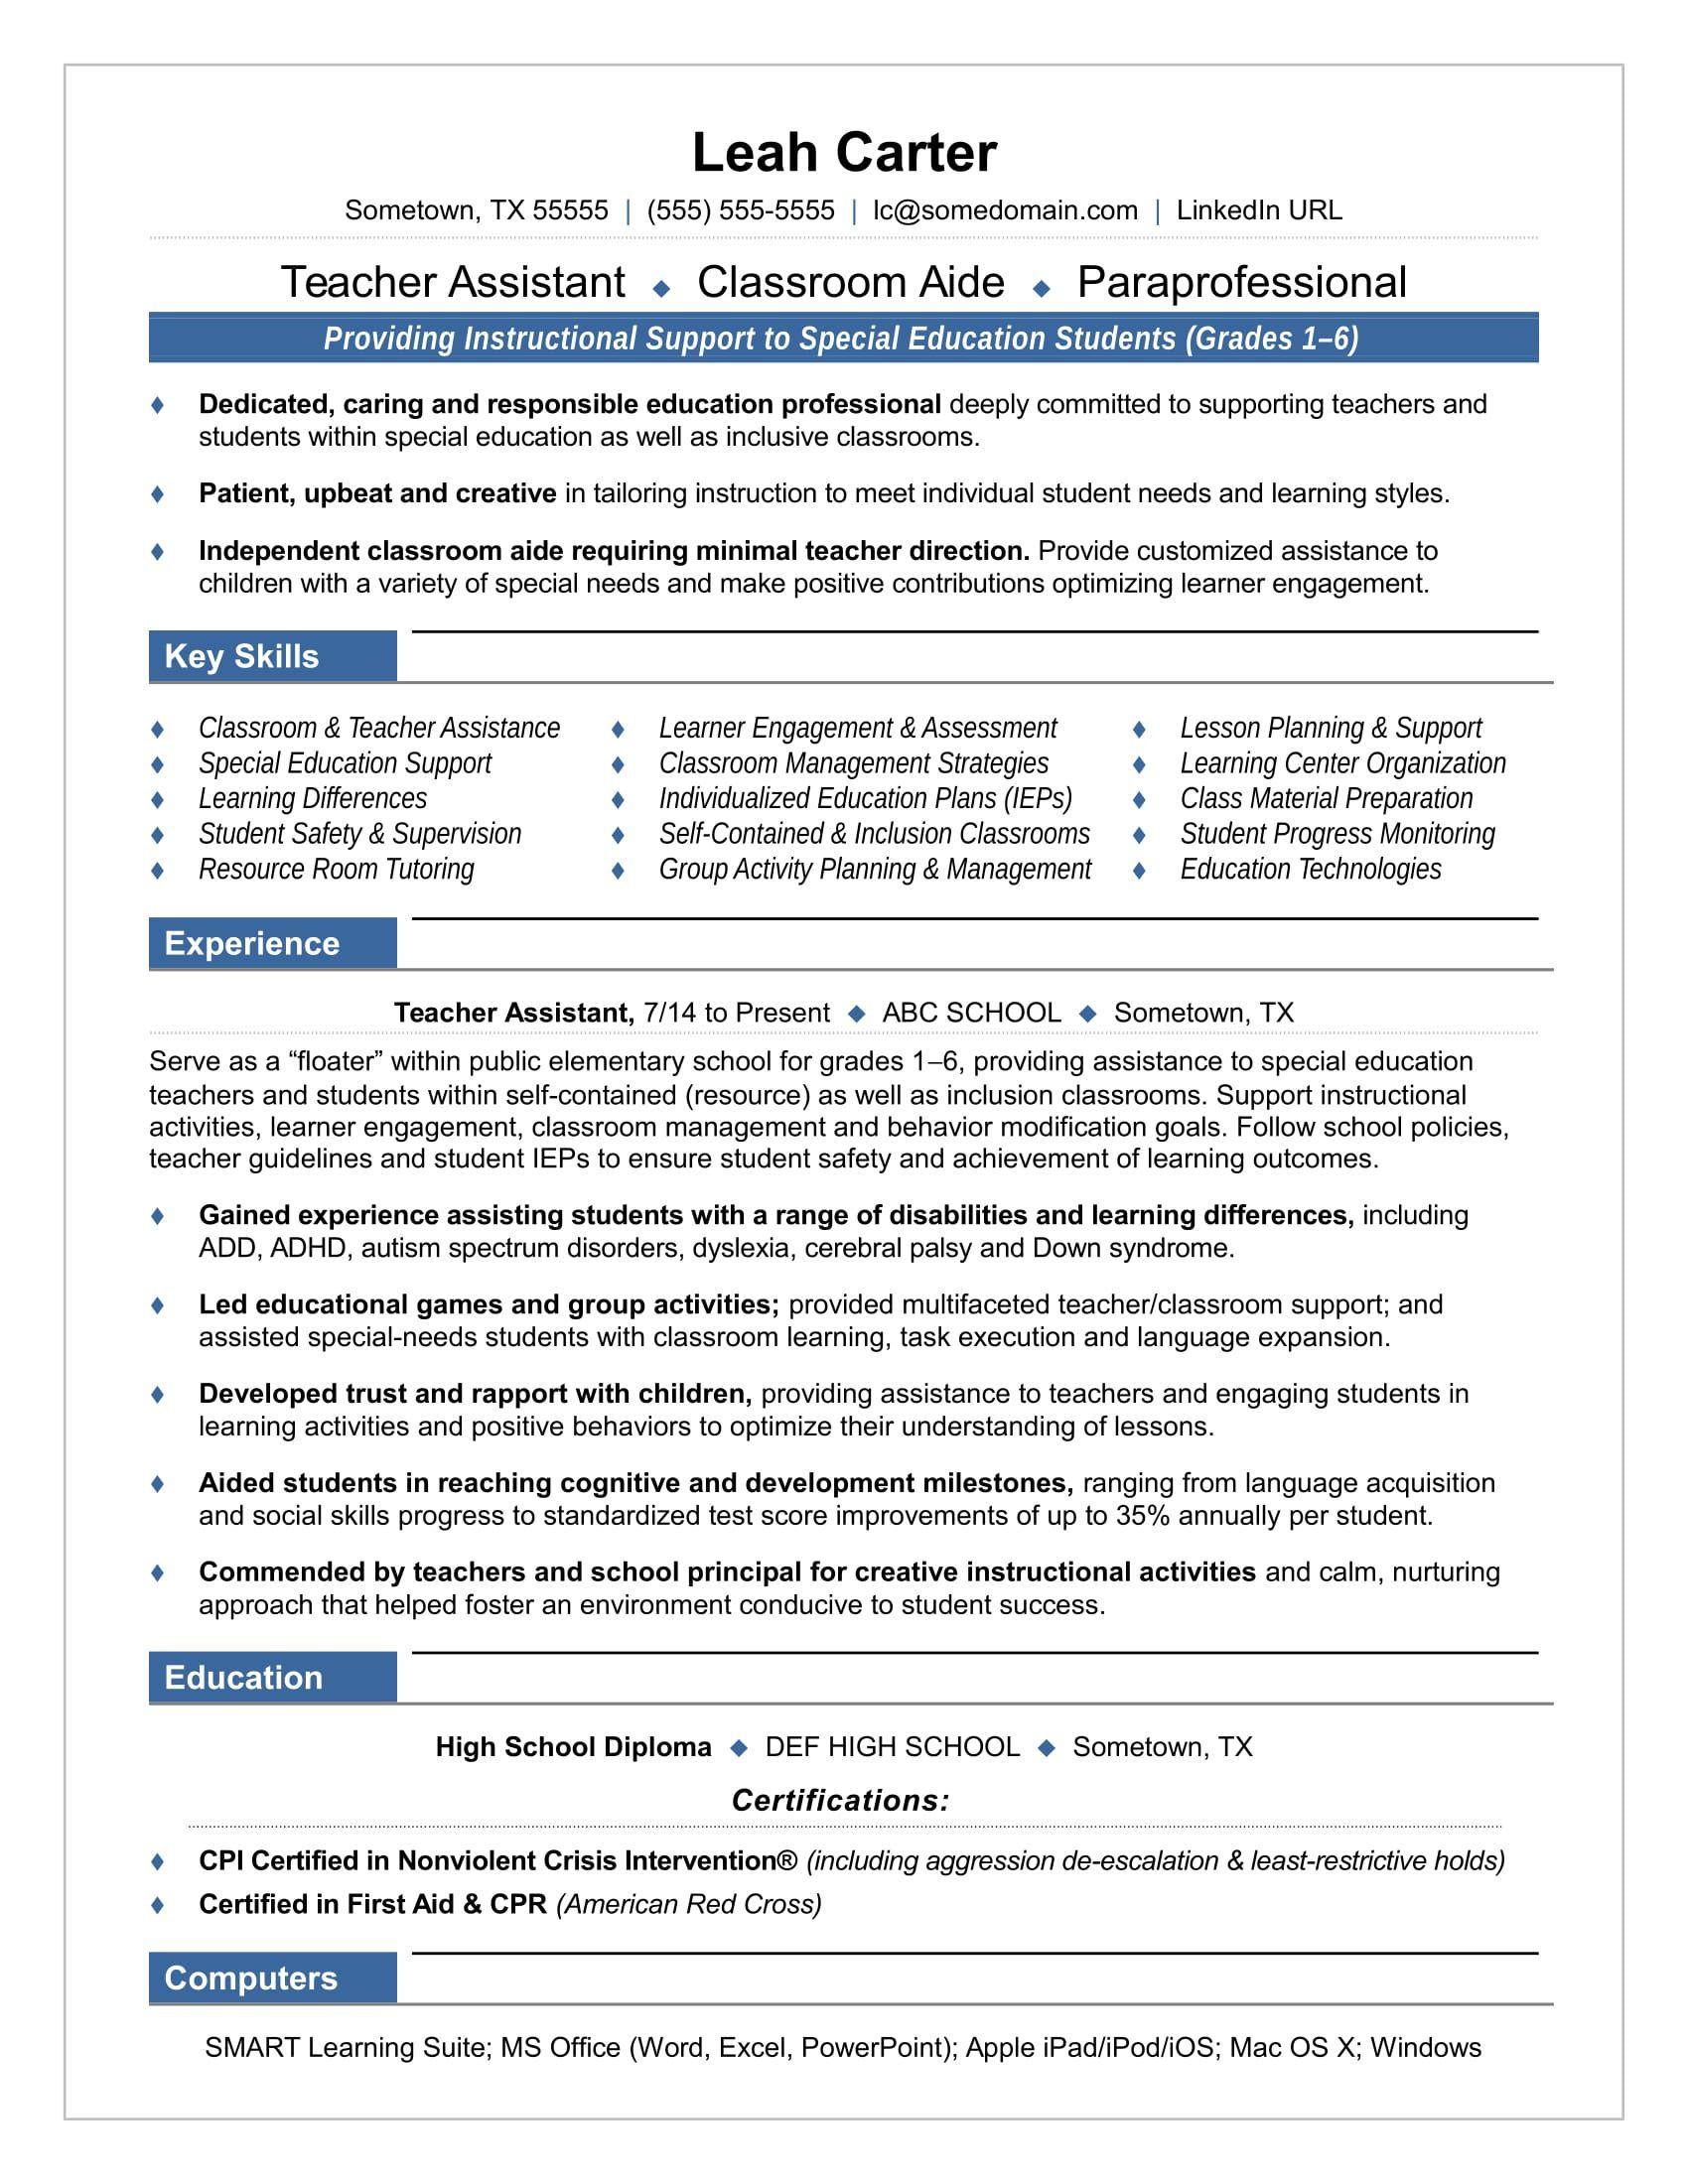 005 Sensational Resume Template For Teaching Job Highest Clarity  Sample Cv In India Format Example TeacherFull